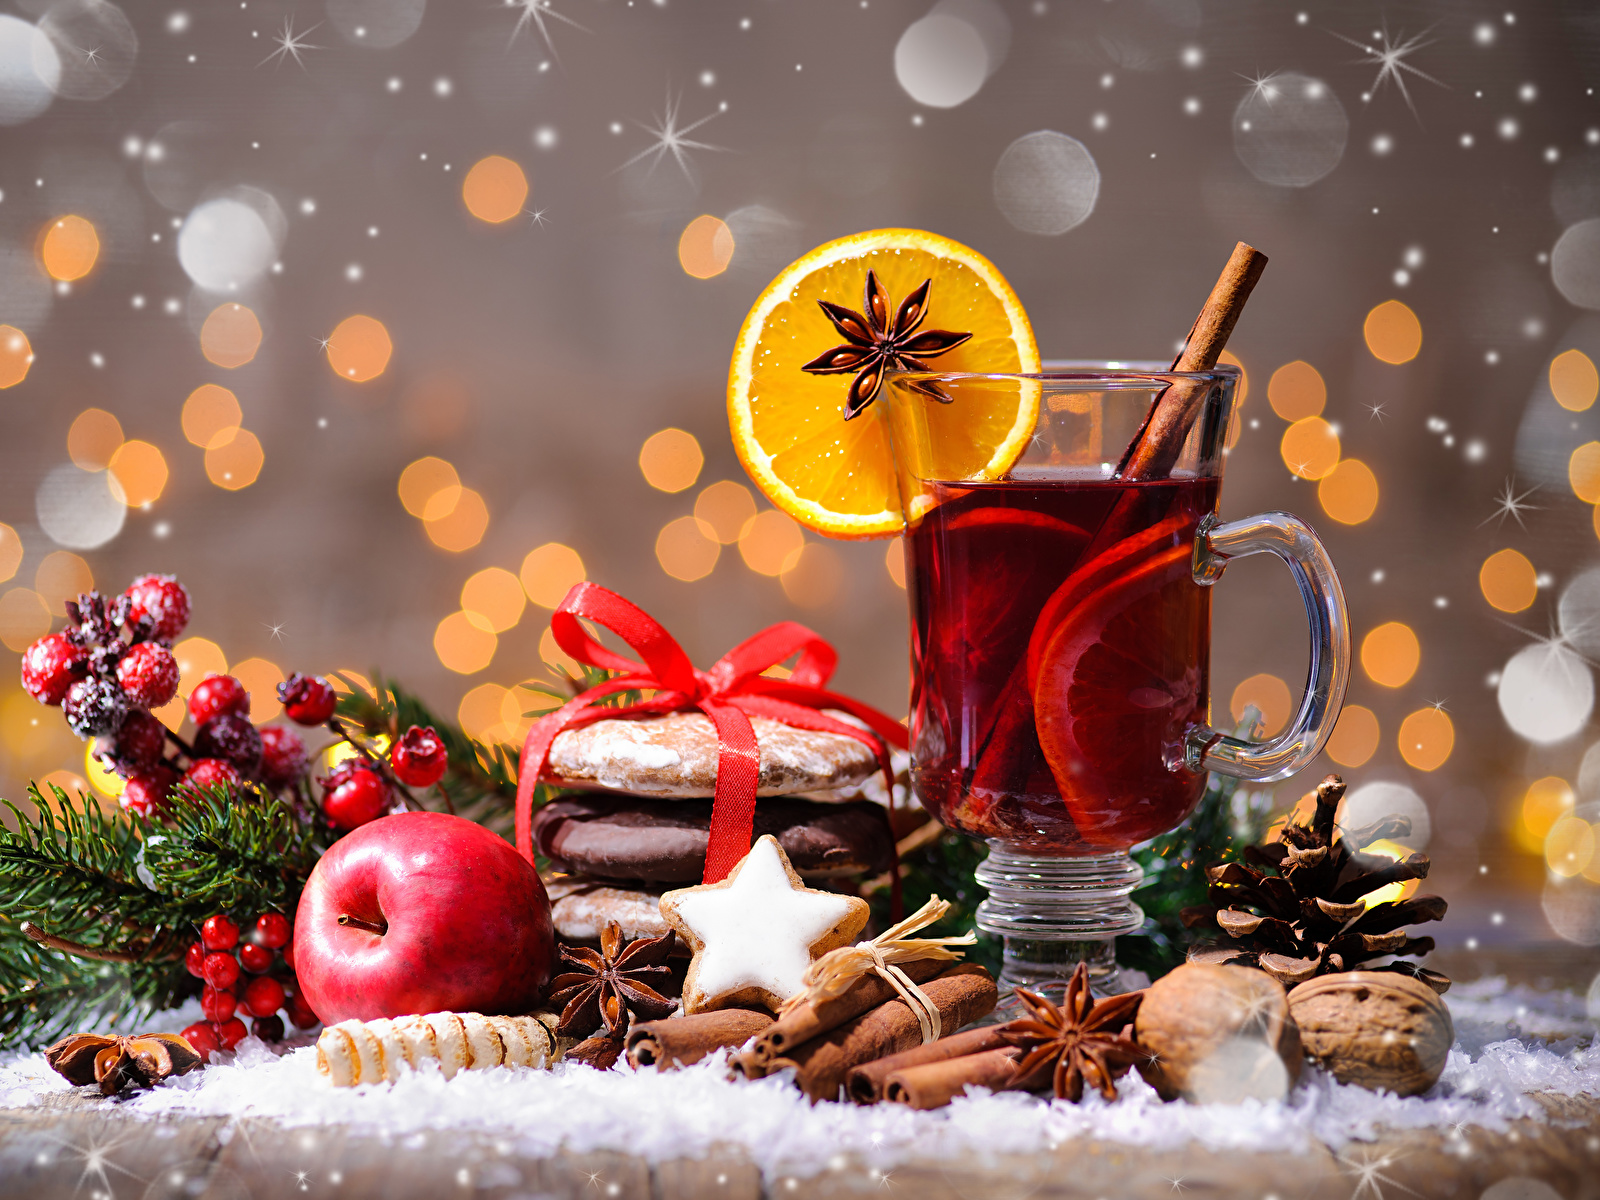 Фото Новый год Чай Бадьян звезда аниса Корица Яблоки стакана Еда чашке Печенье Орехи 1600x1200 Рождество Стакан стакане Пища Чашка Продукты питания